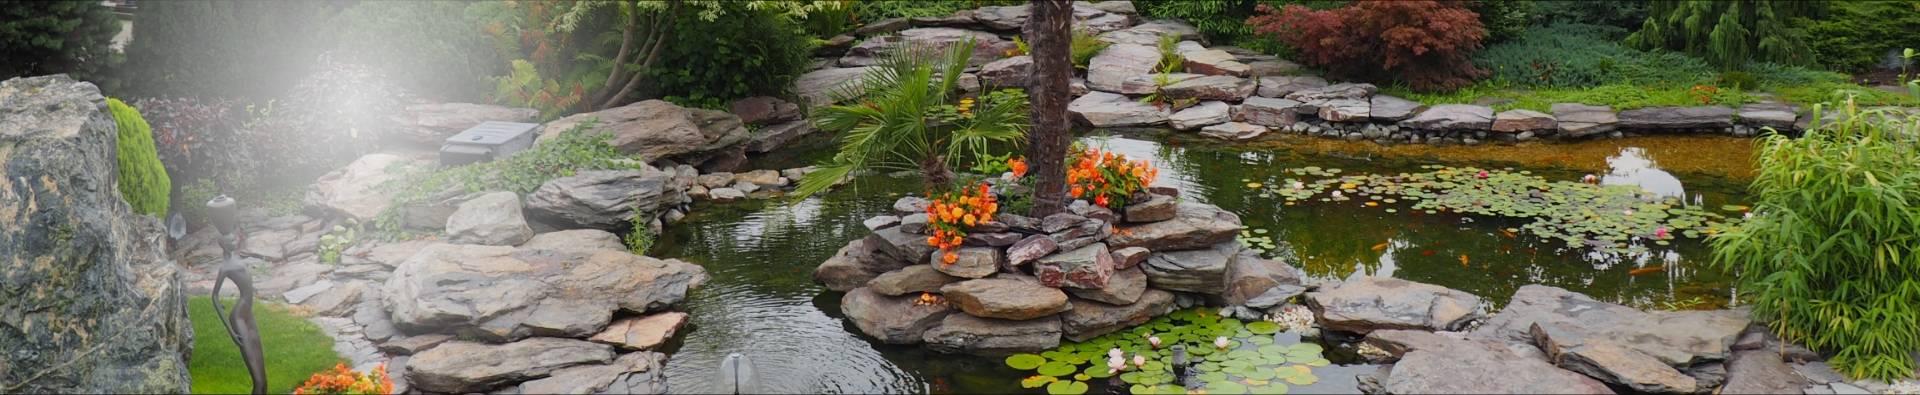 Ścieżka kamienna w ogródku